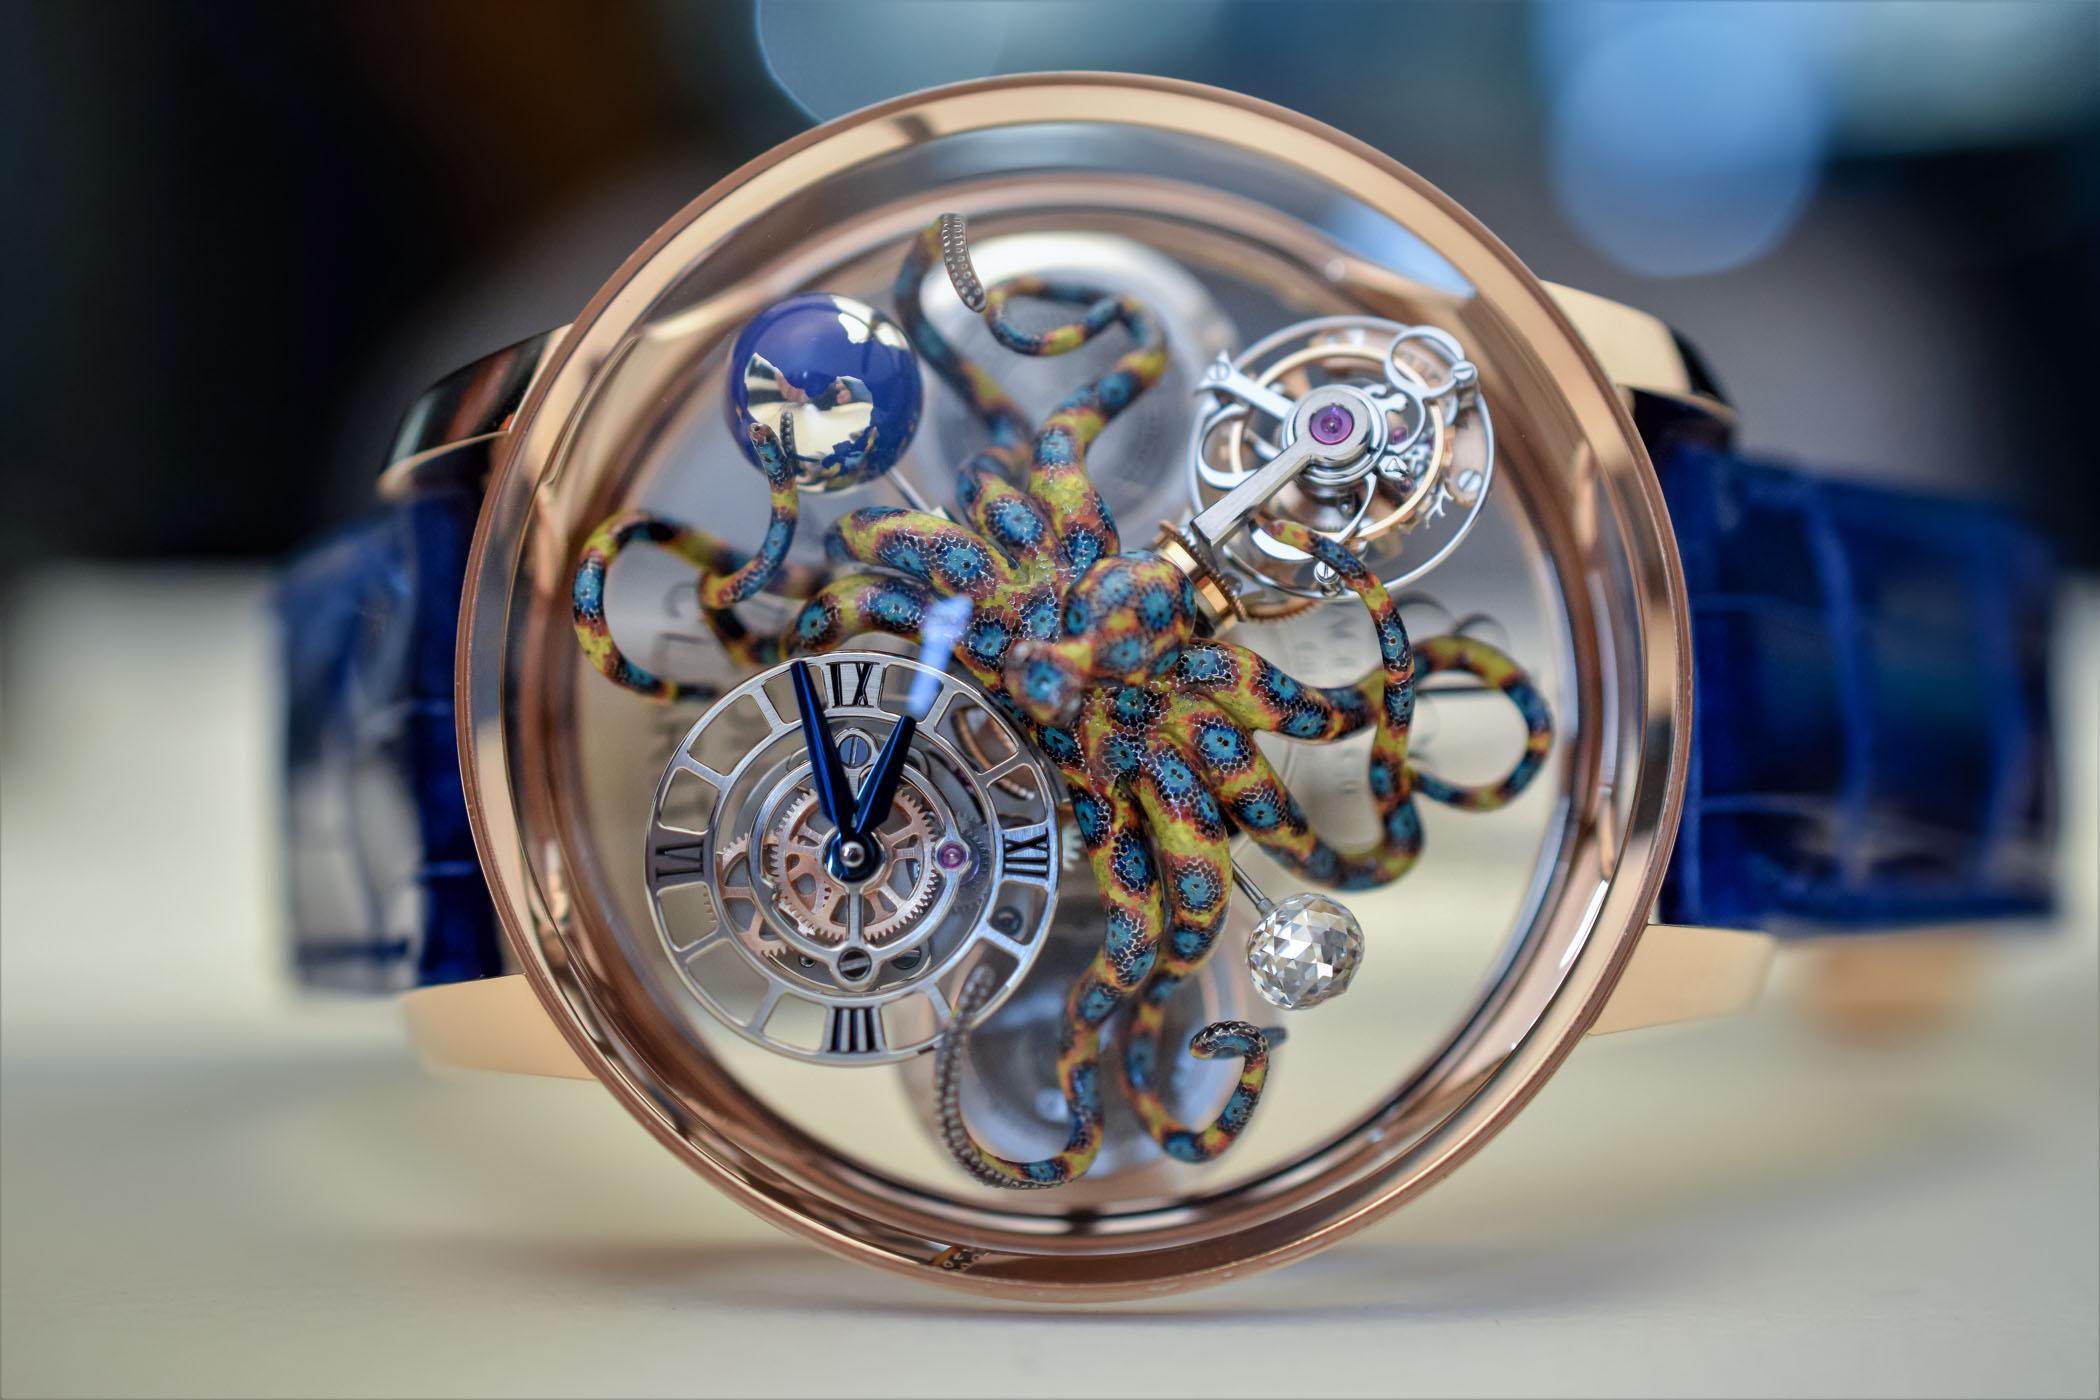 Lịch sử thương hiệu đồng hồ Jacob & Co